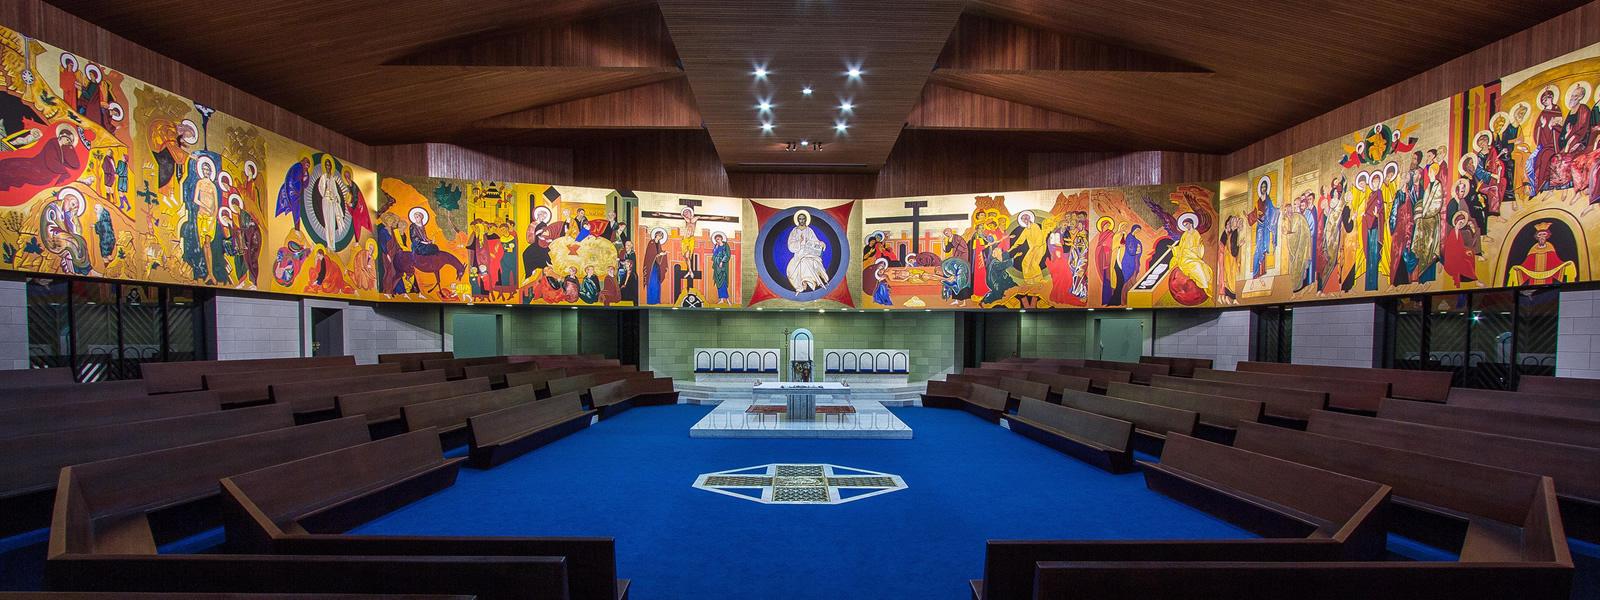 Espaço Litúrgico - Paróquia Nossa Senhor da Esperança - Asa Norte, Brasília/DF